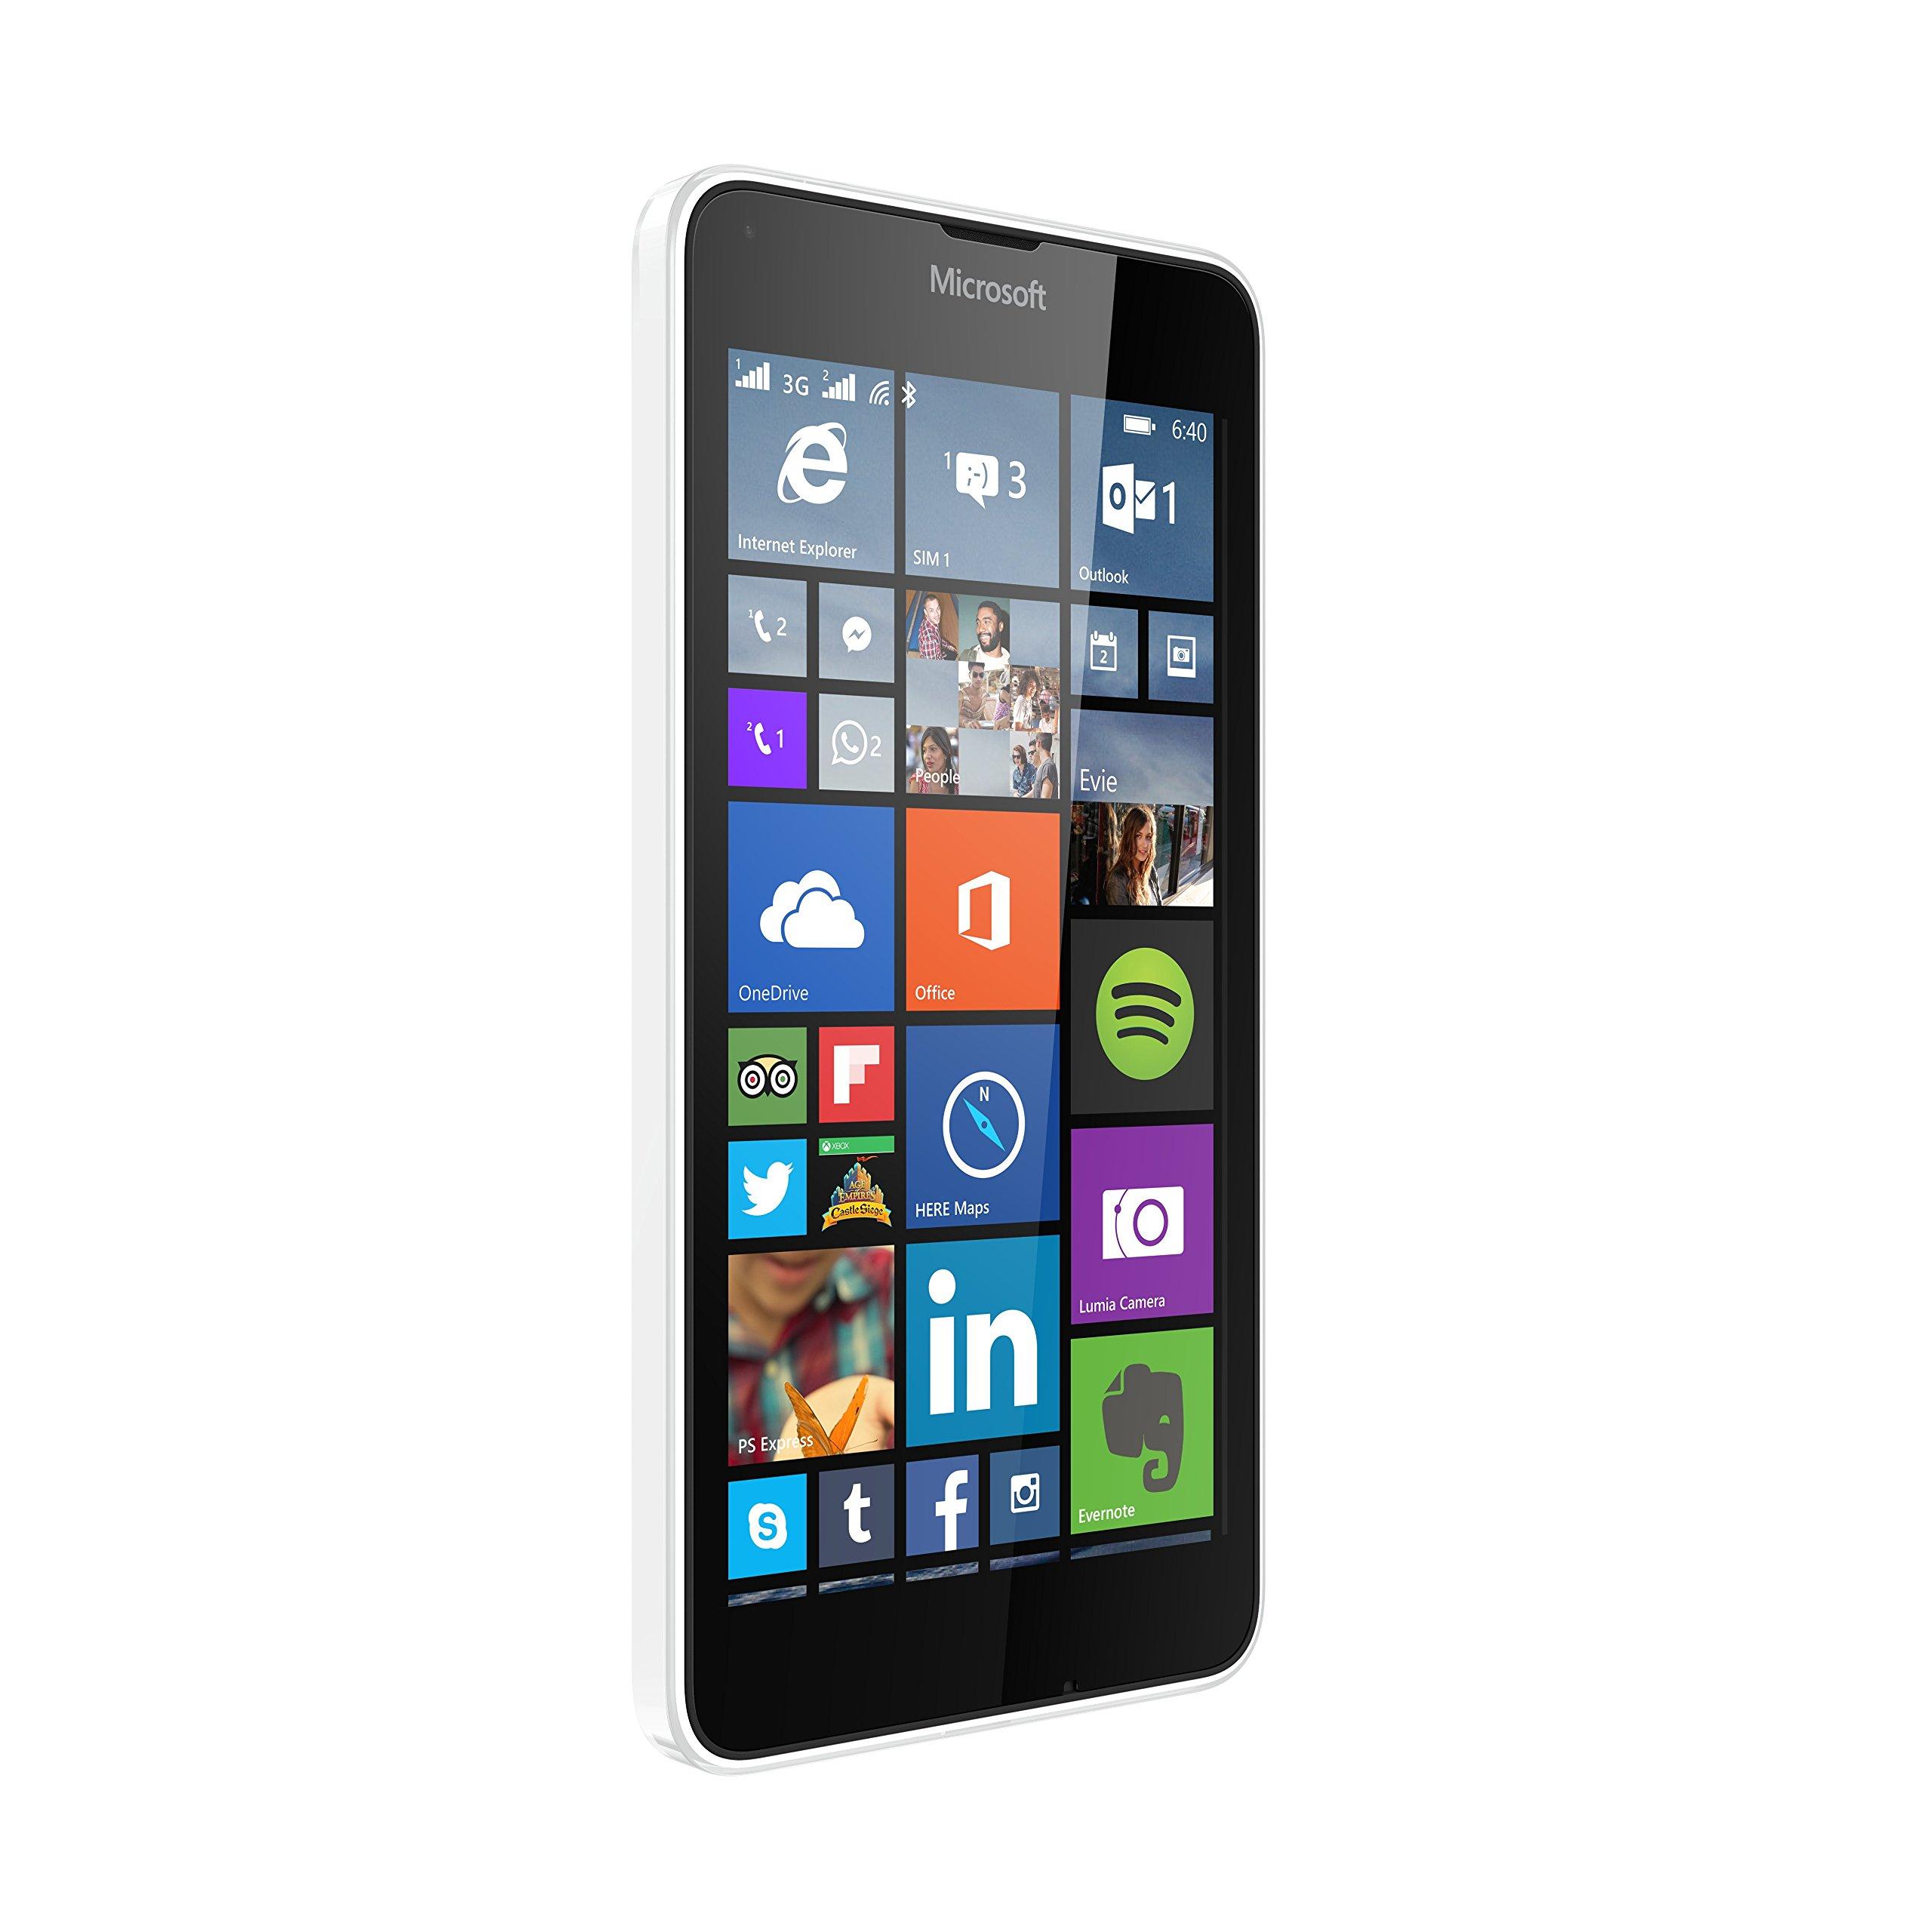 Microsoft A00024282 - Smartphone (1 GB de RAM, 8 GB de memoria ...